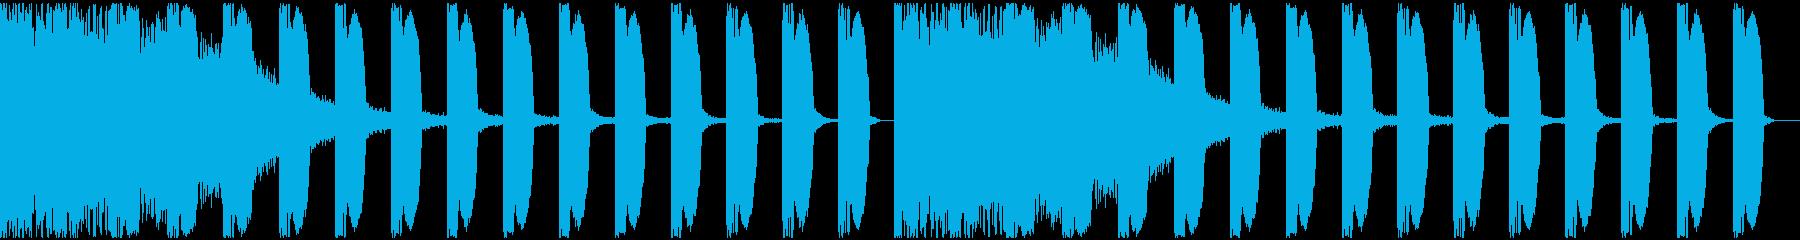 【EDM】ロング9、ジングル1の再生済みの波形